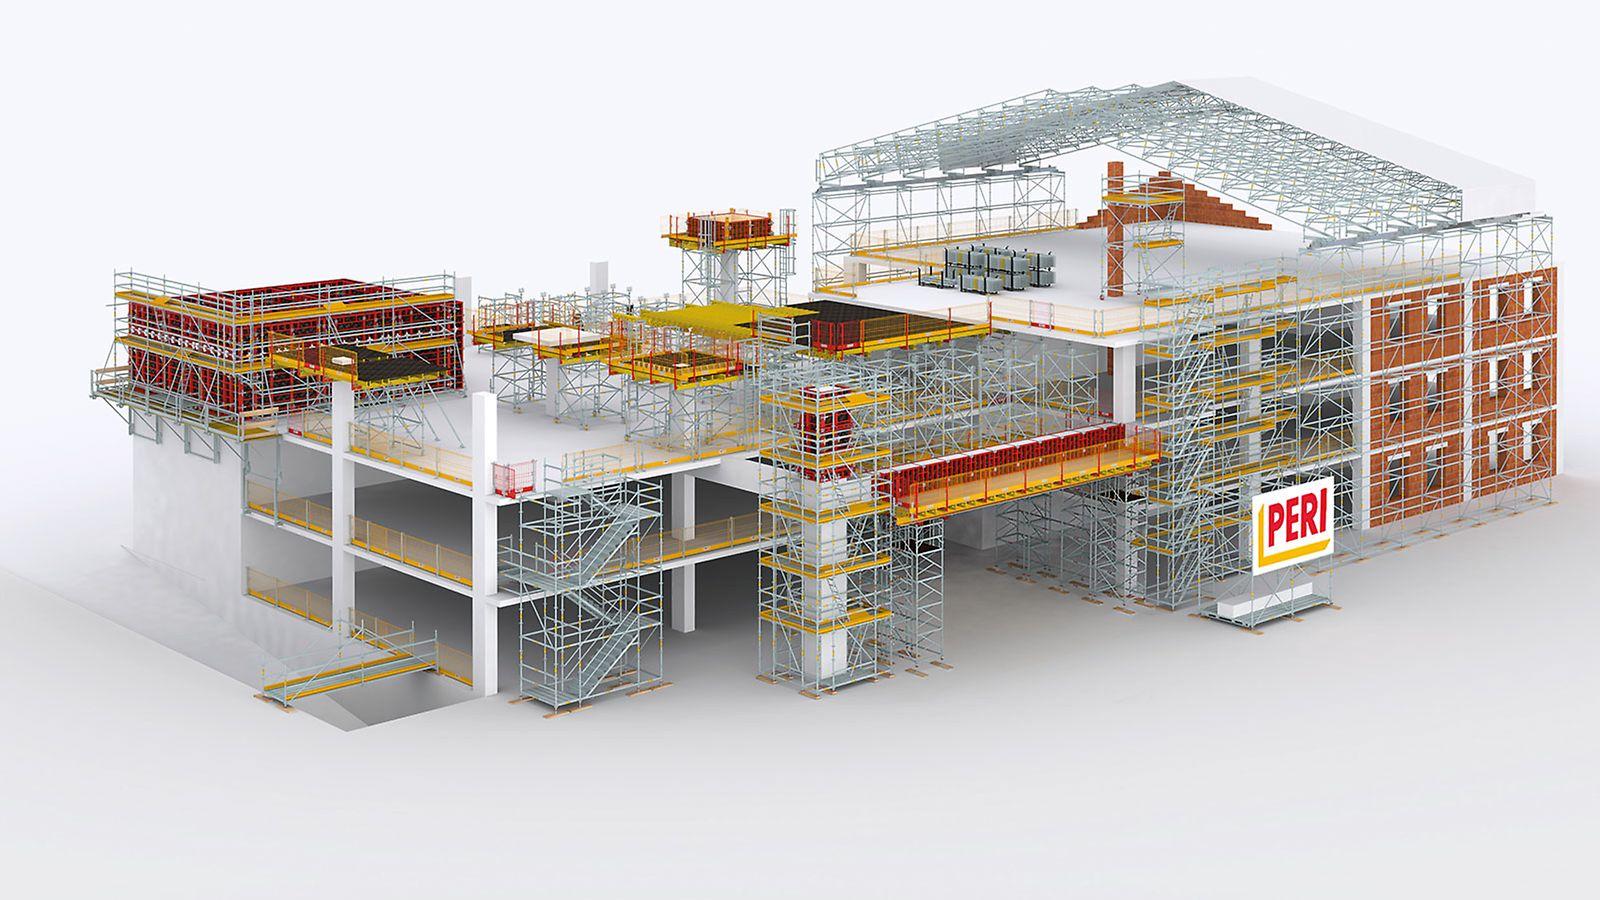 Échafaudages PERI UP pour le bâtiment - Le système d'échafaudage à l'utilisation flexible sur le chantier